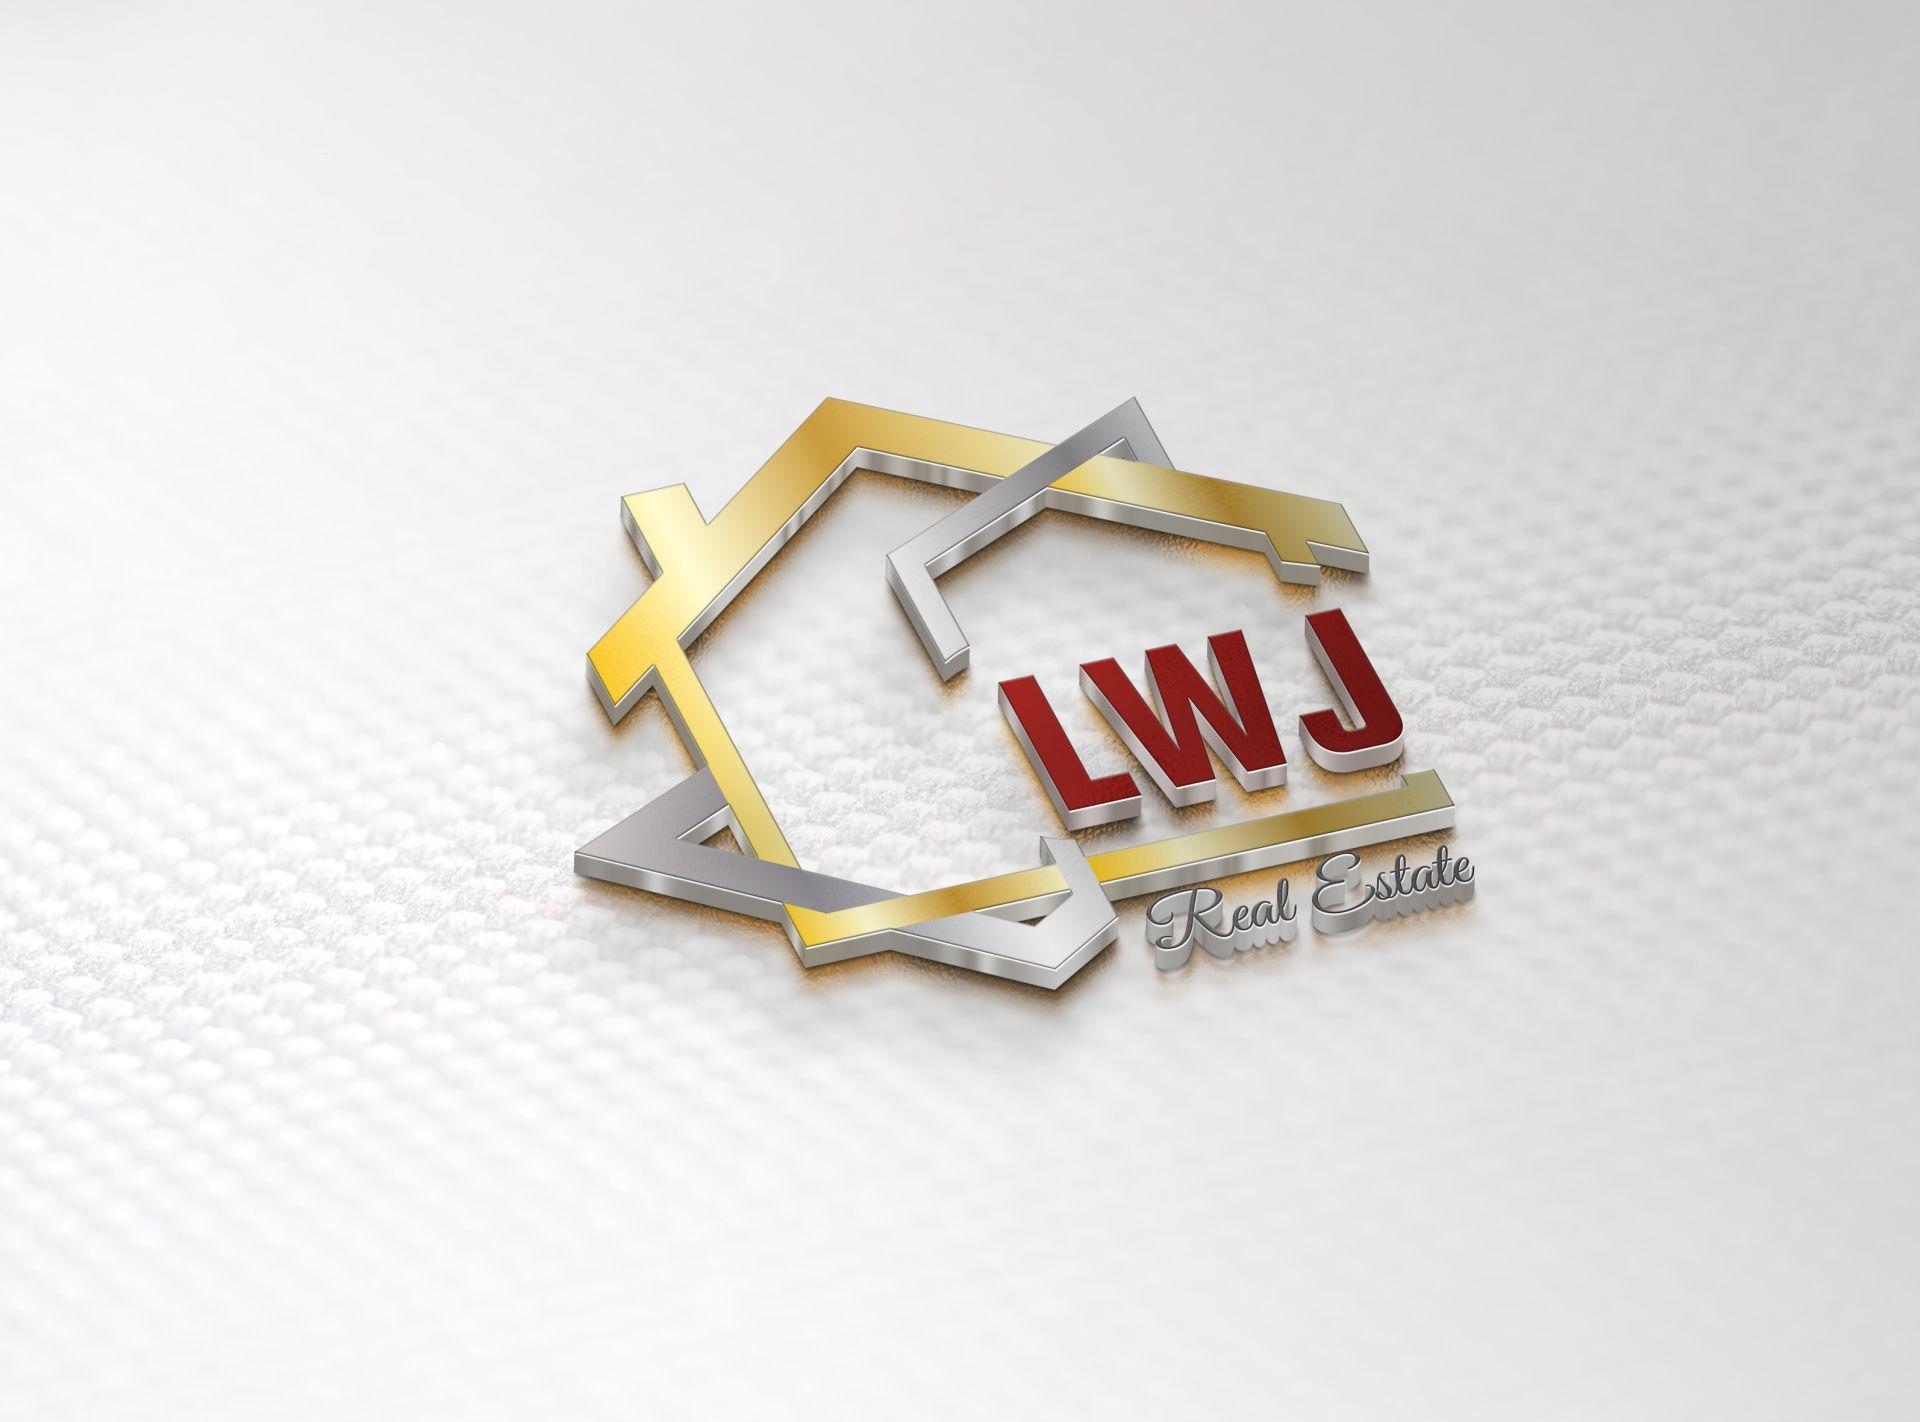 LWJ Real Estate March Newsletter